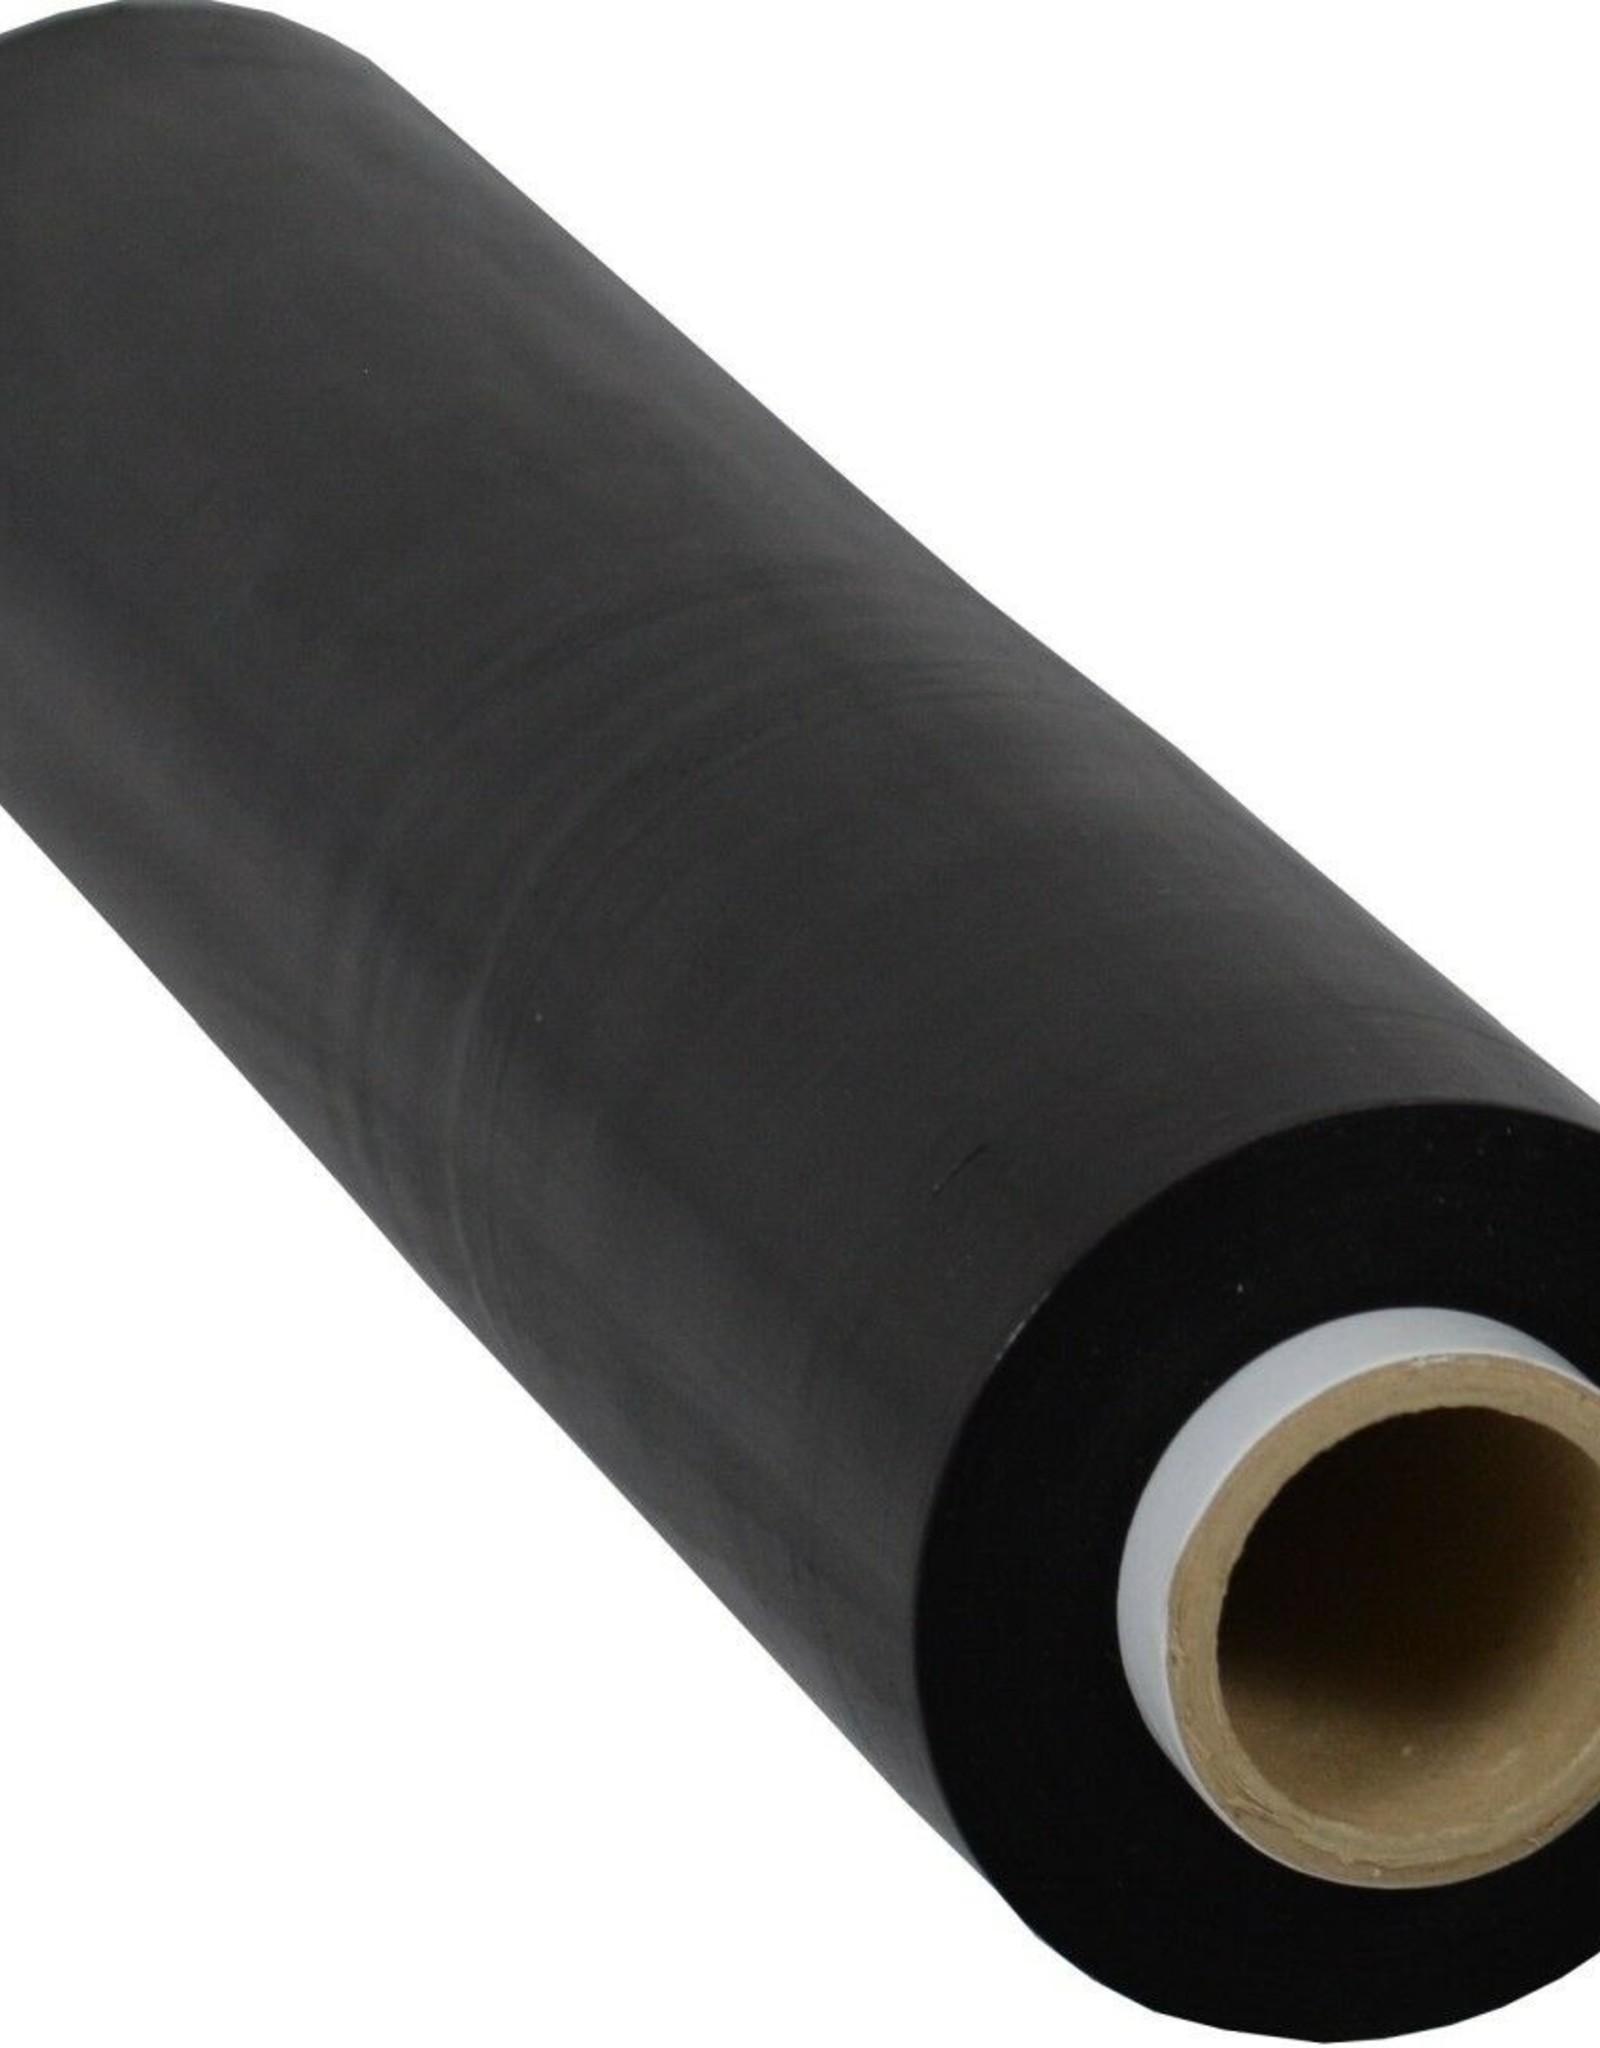 Stretchfolie zwart 23 μm, 500mm breedte